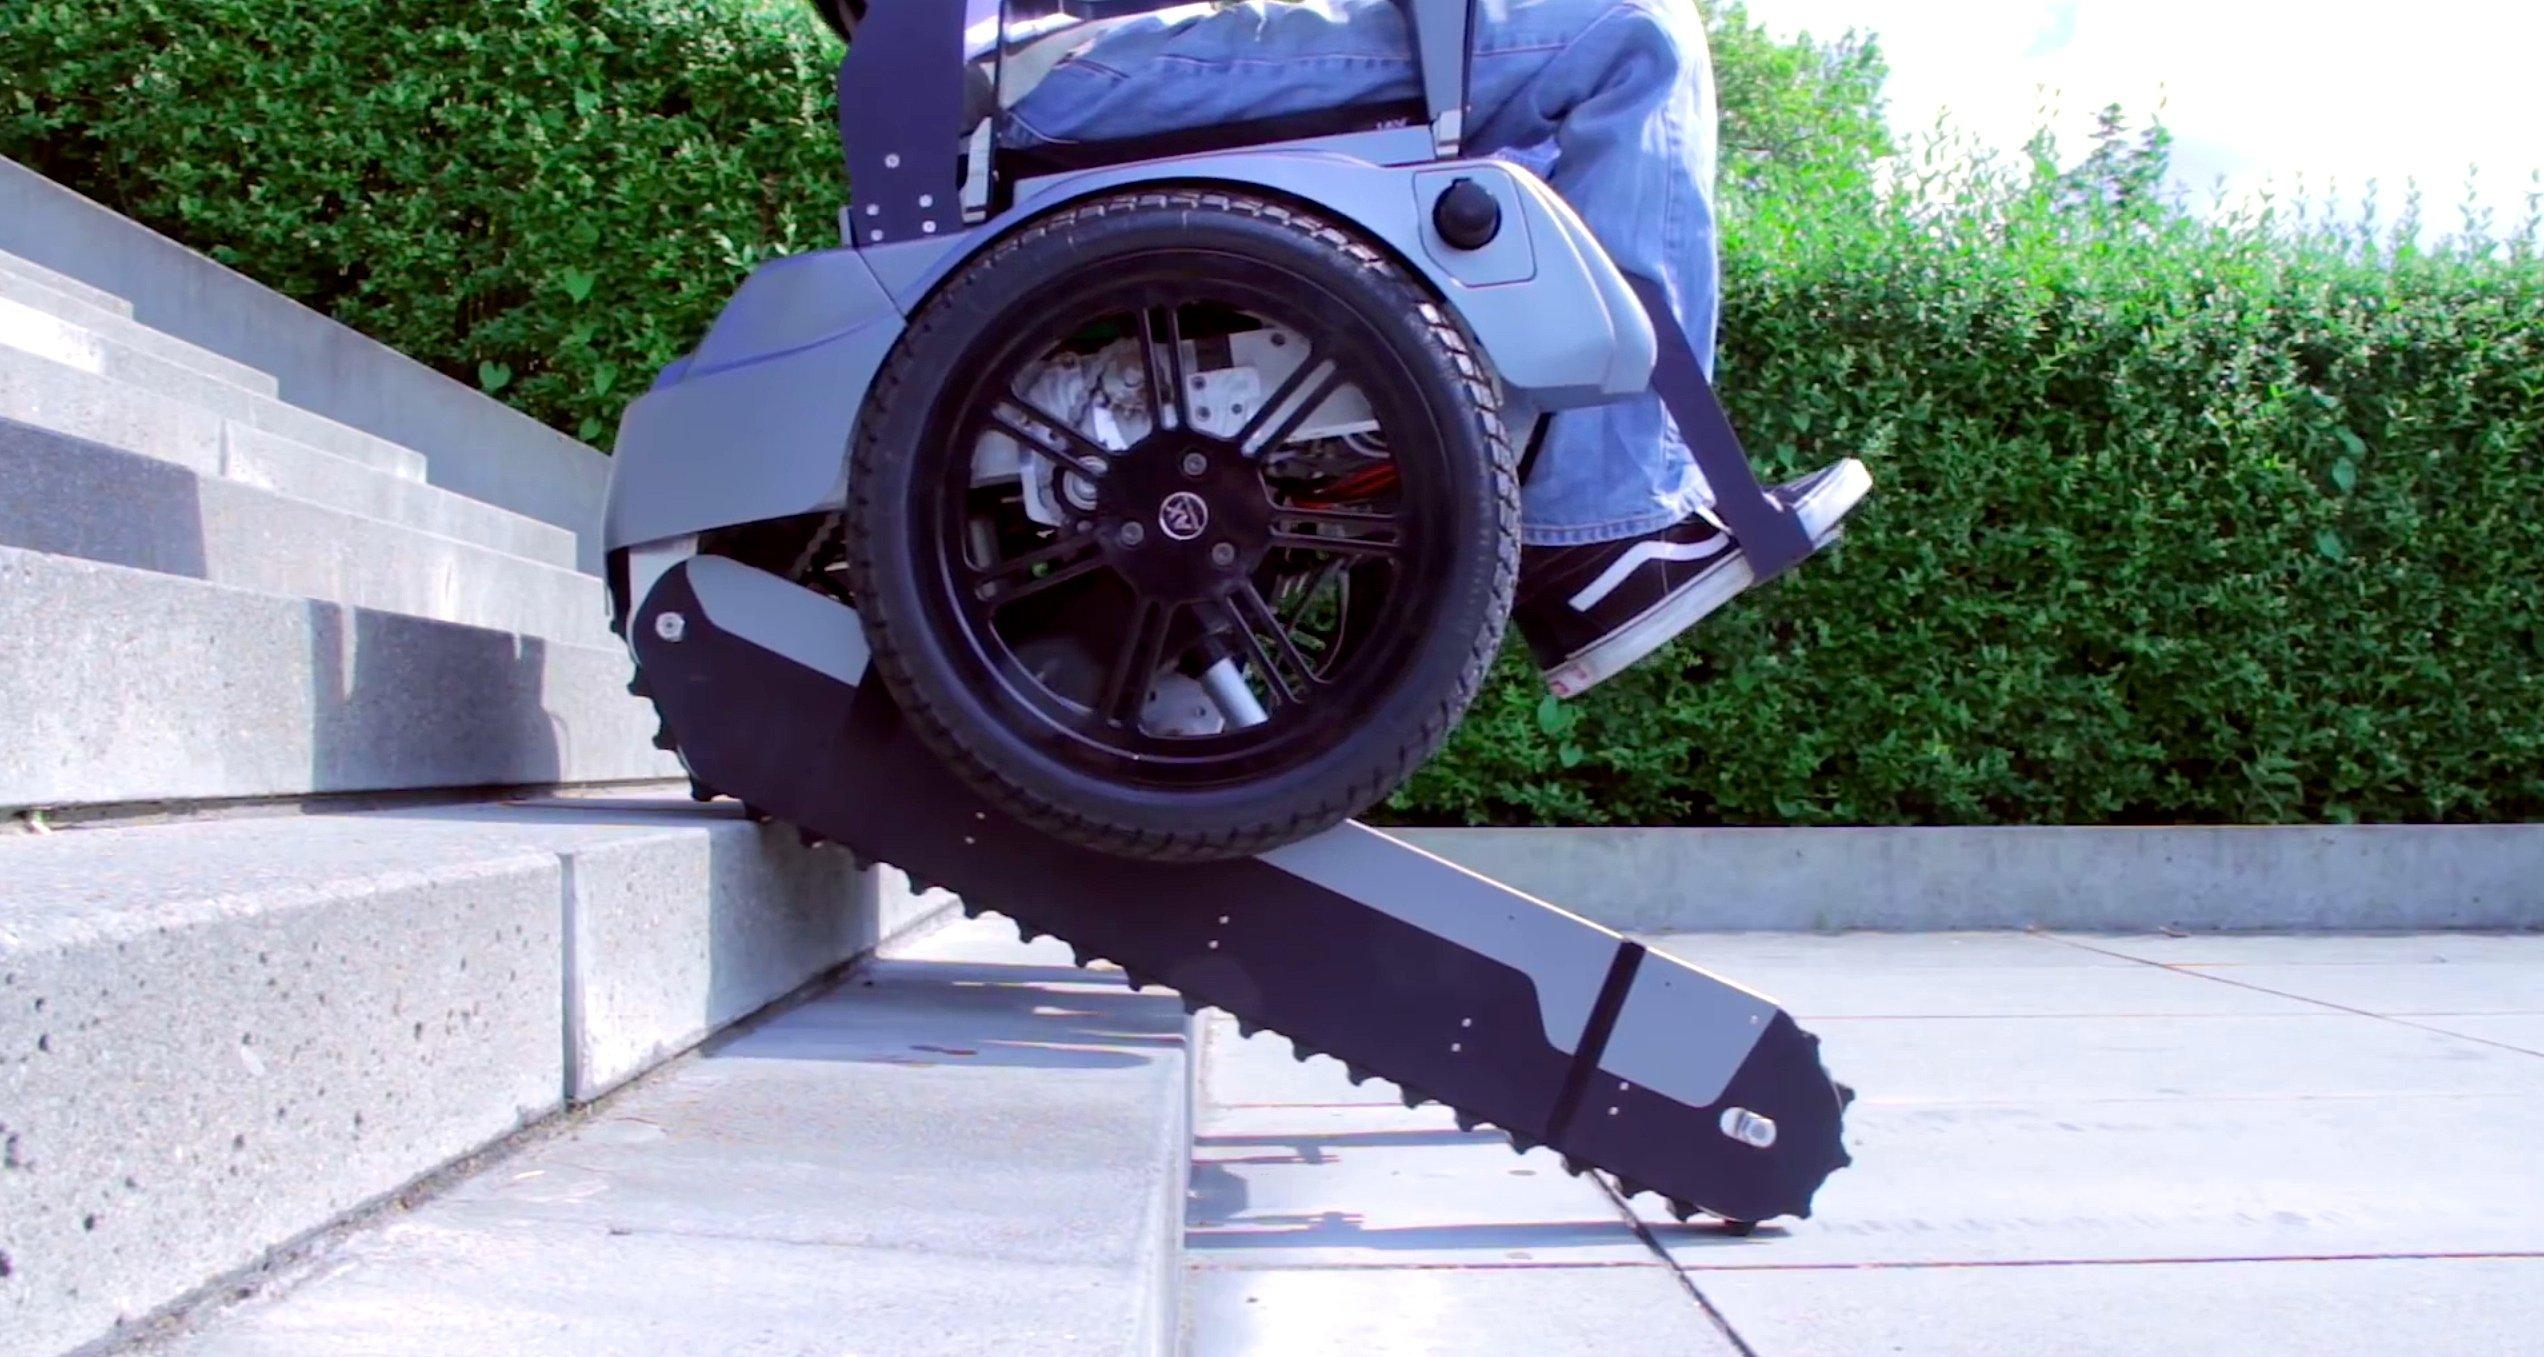 Die Raupenbänder aus Gummi finden auf Treppenstufen Halt und fahren den Rollstuhl langsam nach oben oder unten.